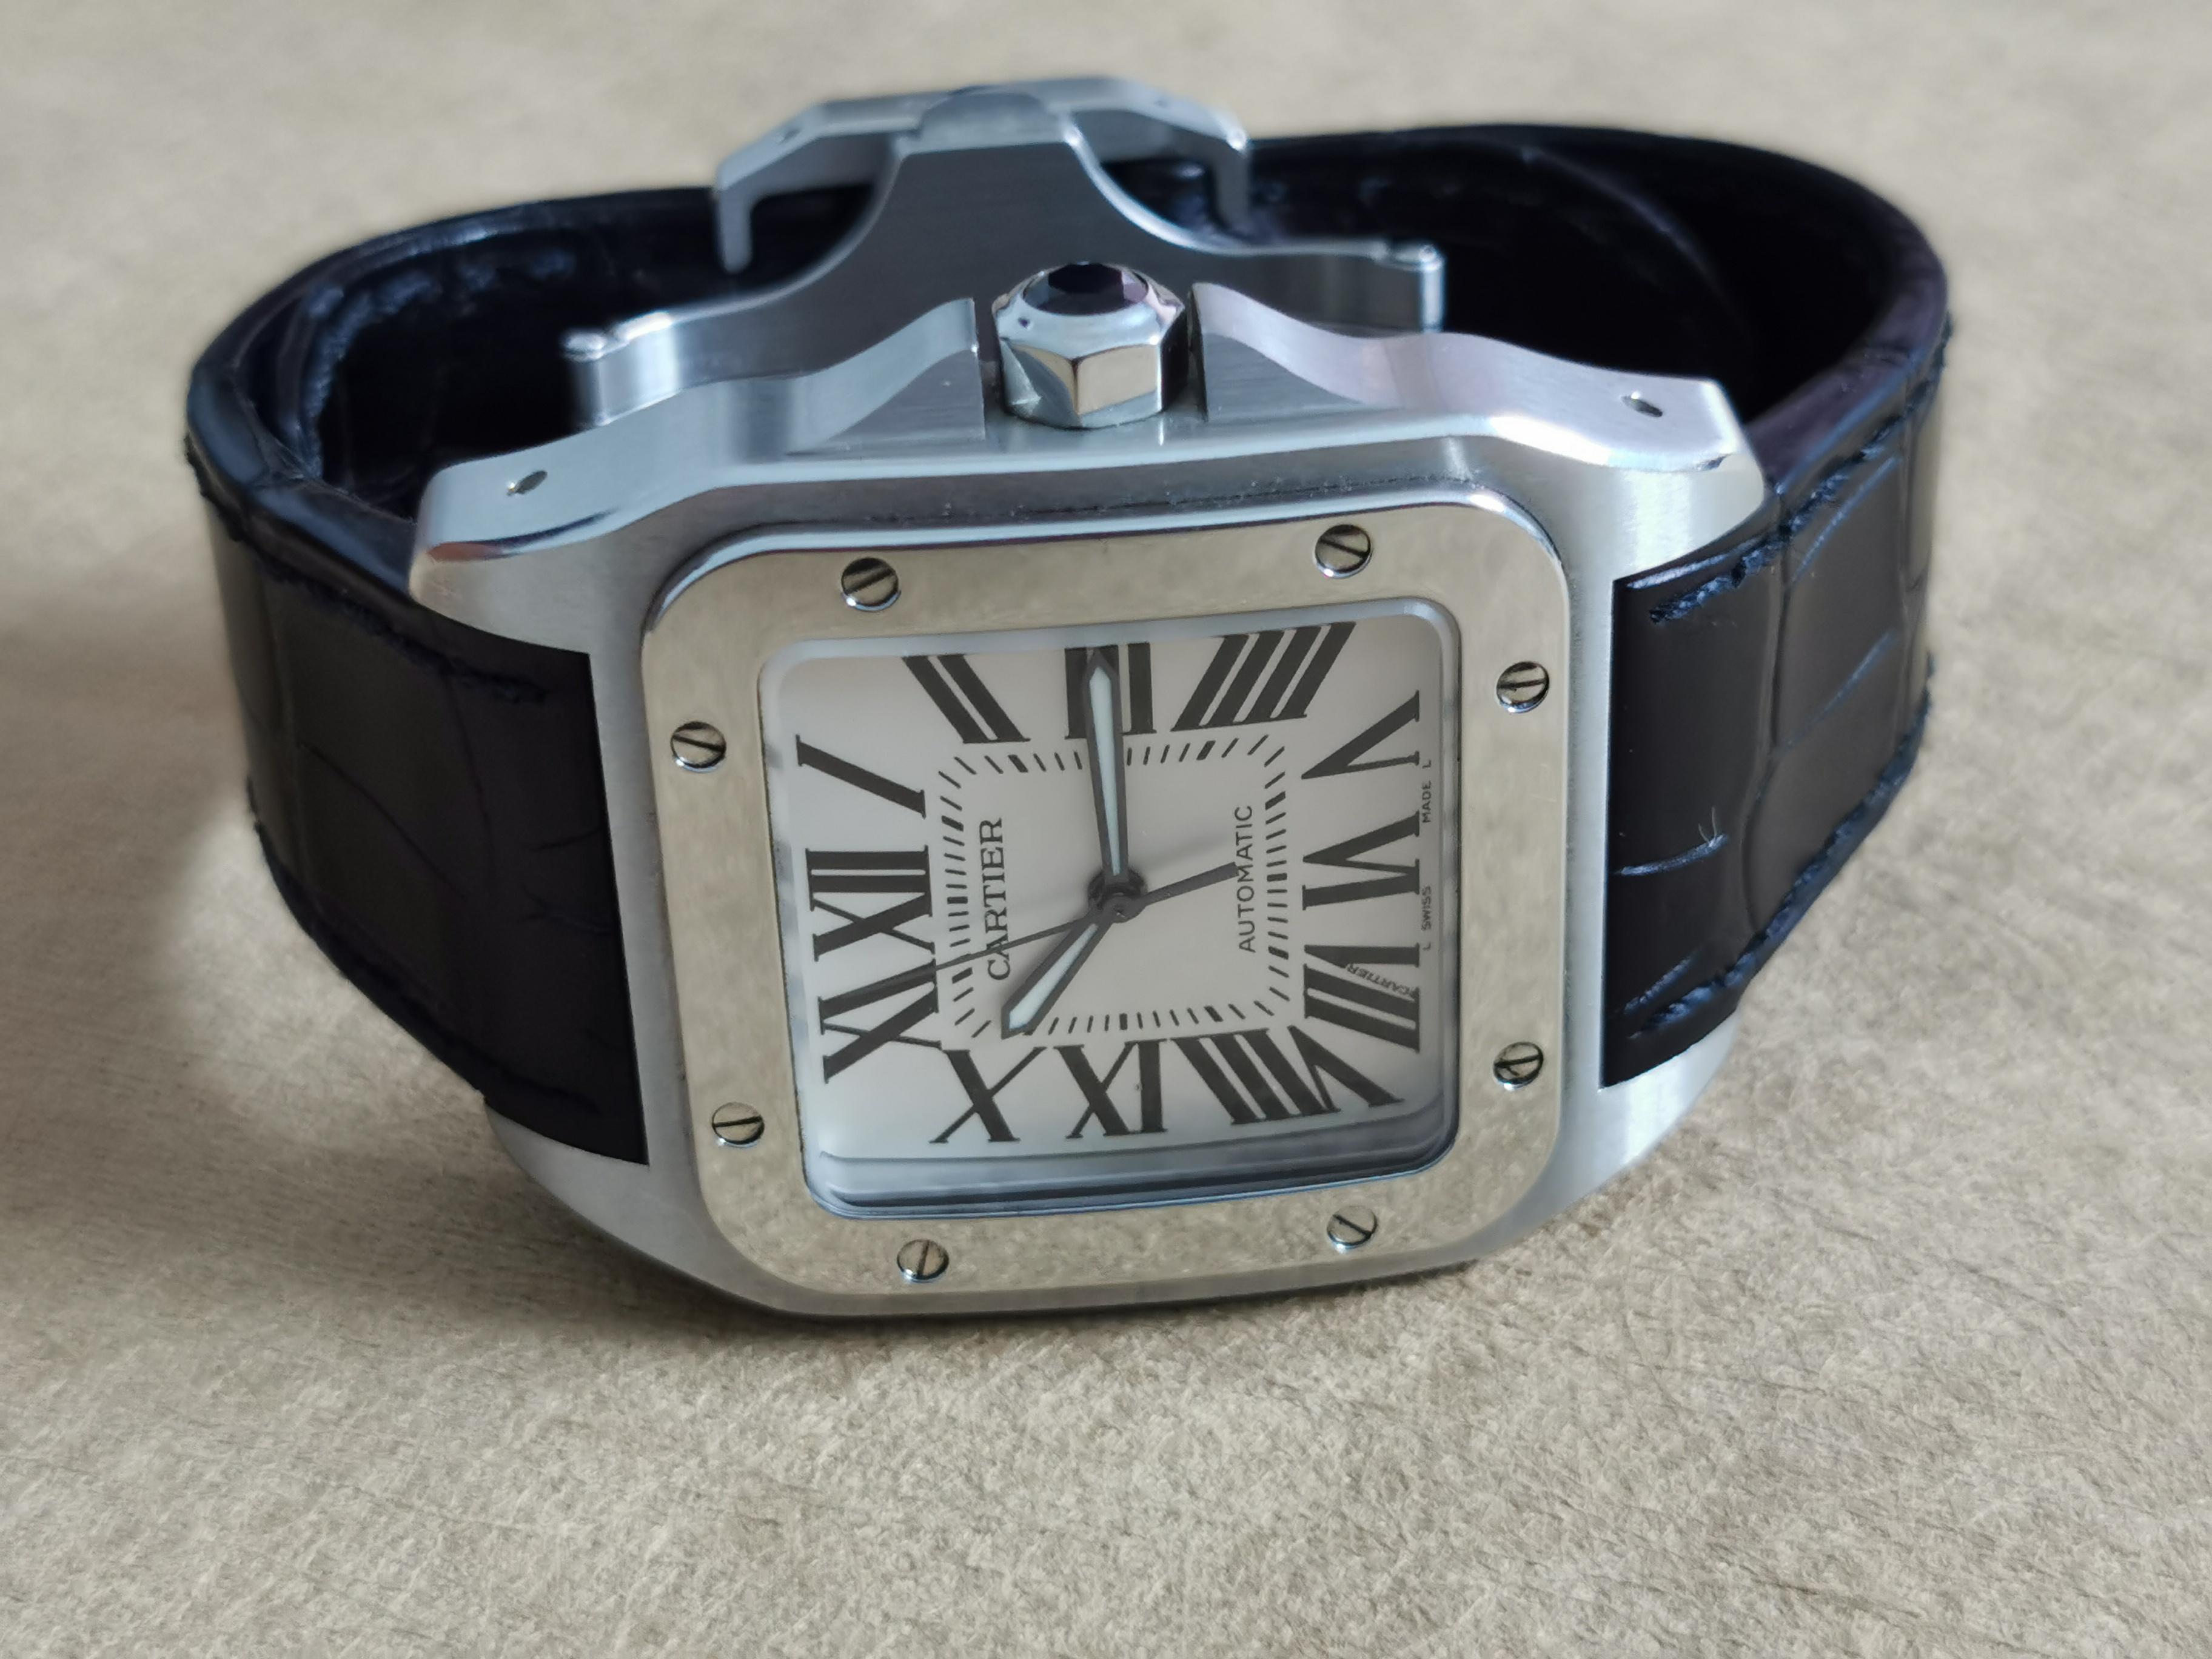 Cartier Santos 100 Santos 100 XL 2656 On Leather Band With Deplo - Good Condition - Box | San Giorgio a Cremano